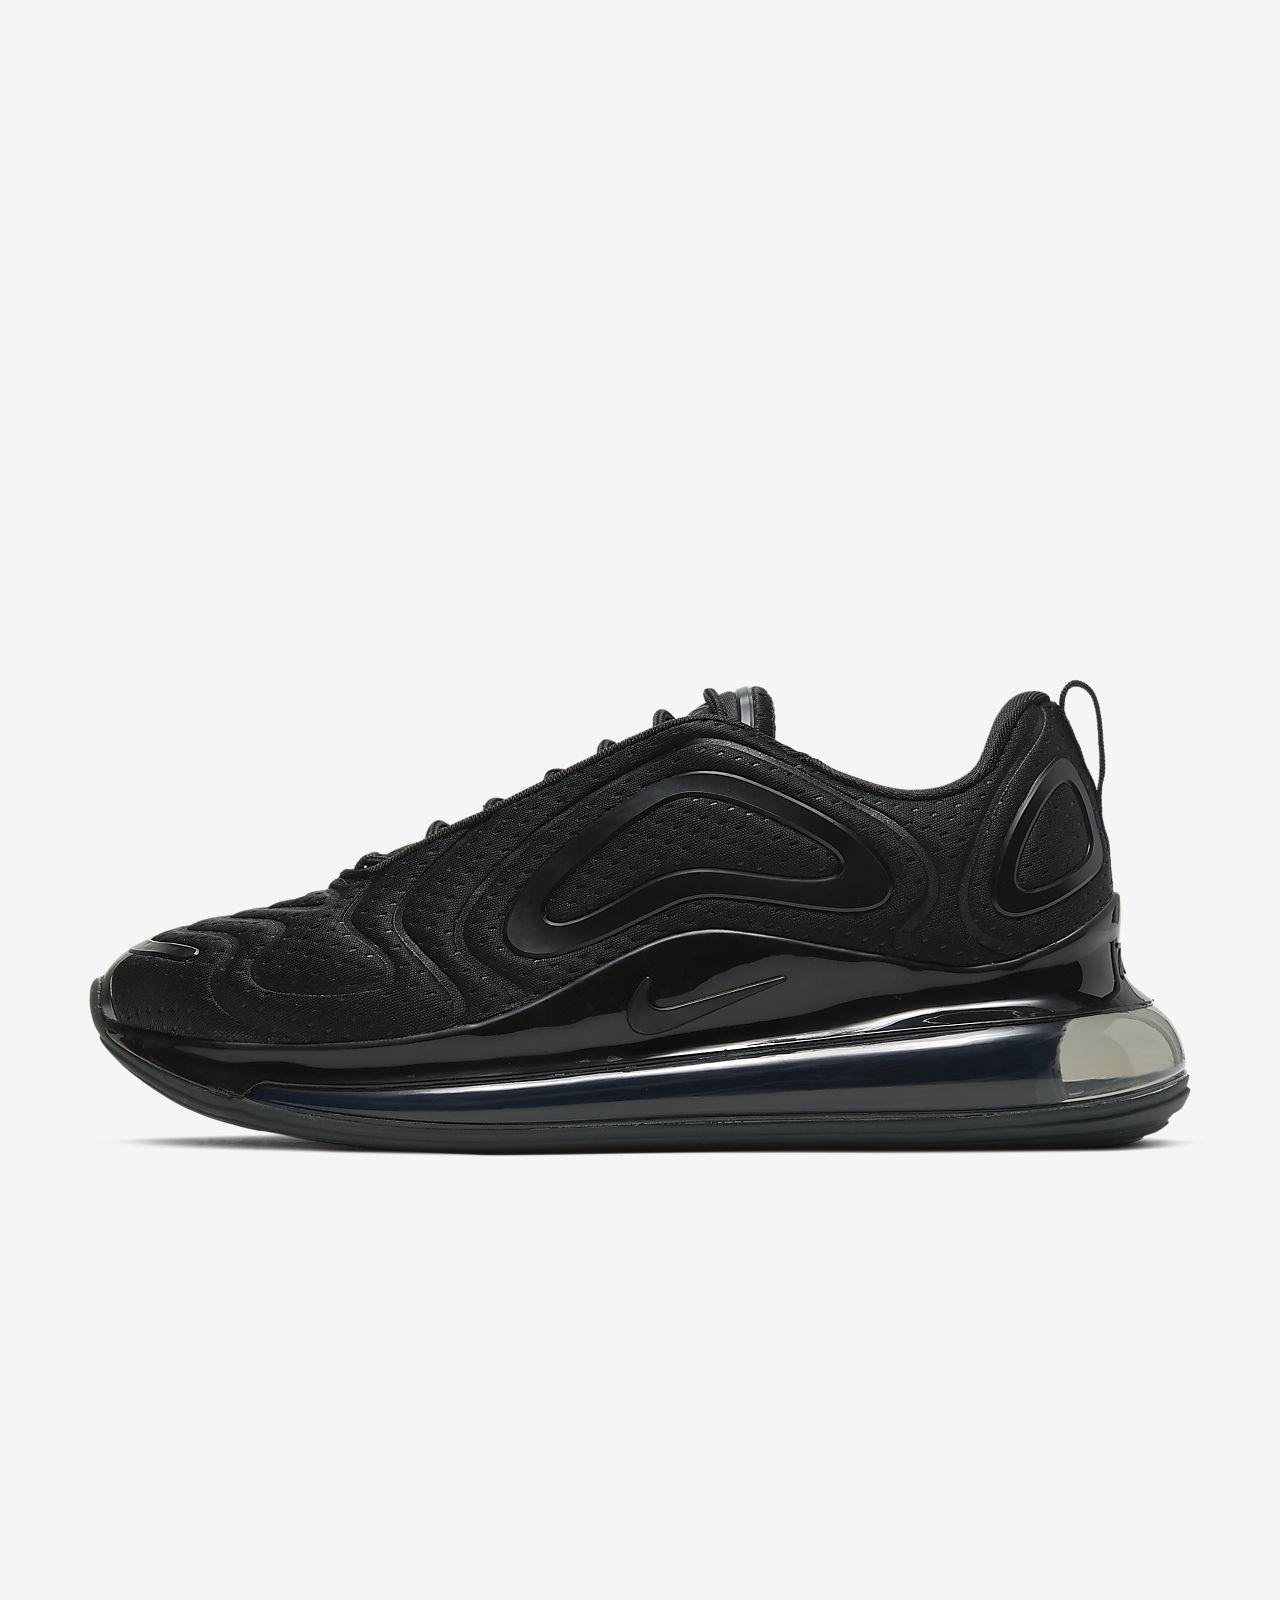 Nike Air Max TN Italia Scarpe Uomini Vendita NeroBlu,scarpe